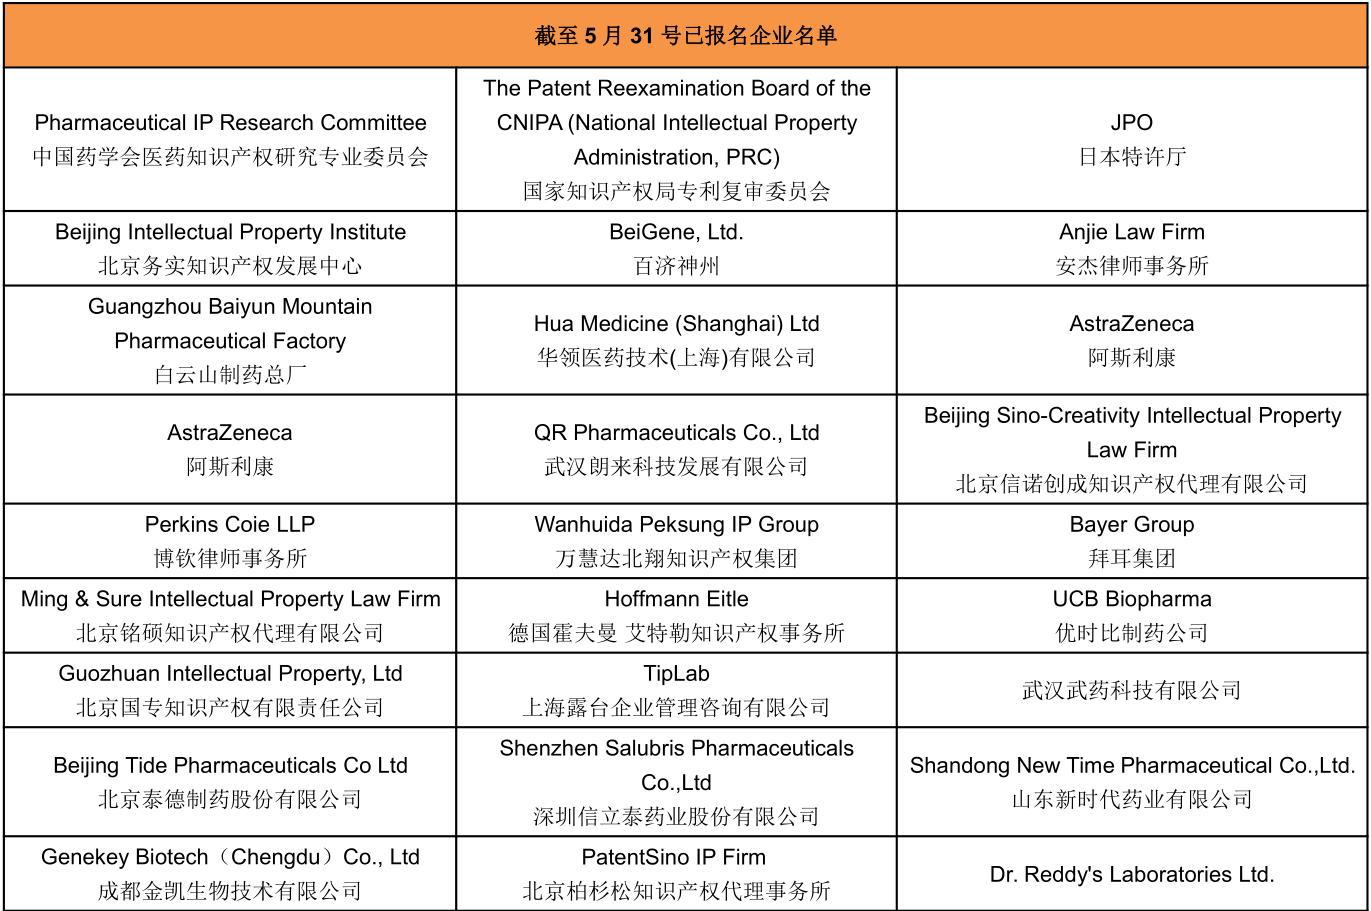 2019第四届中国医药知识产权峰会将于上海举办